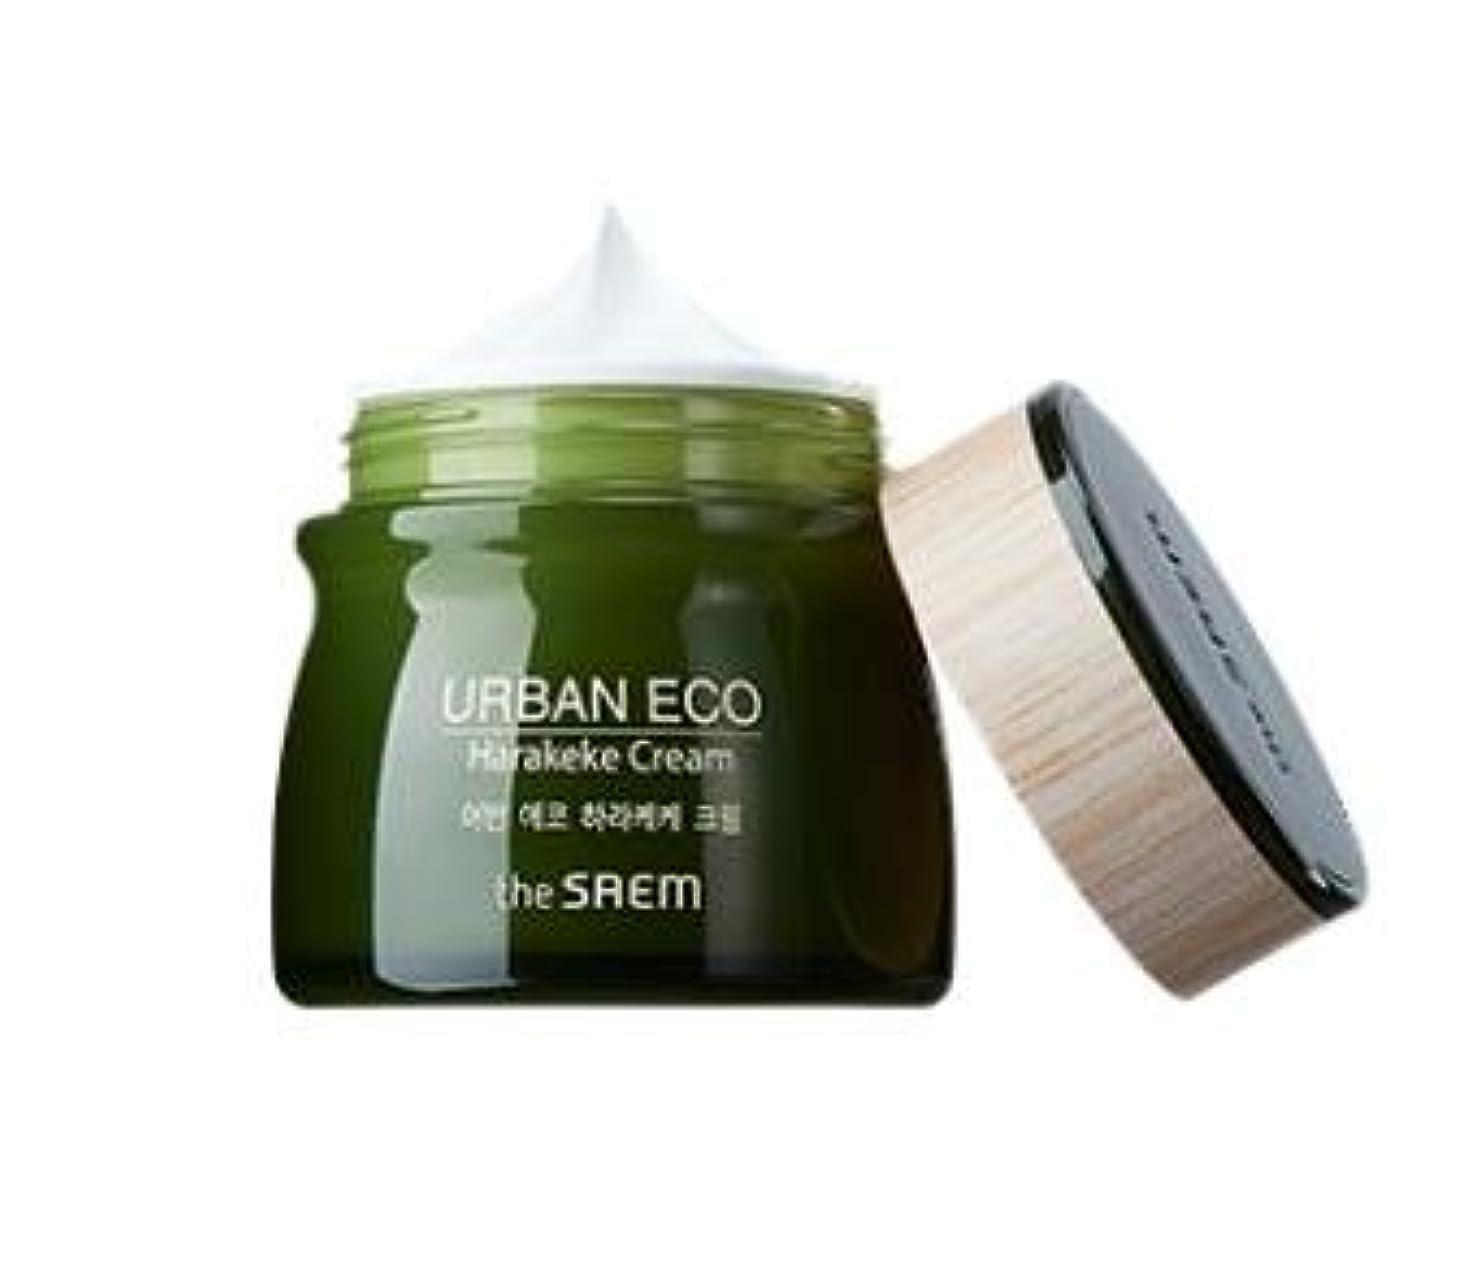 合理的にはまって代表団[NEW]The Saem Urban Eco Harakeke Cream ザセム アーバンエコ ハラケケクリーム [並行輸入品]